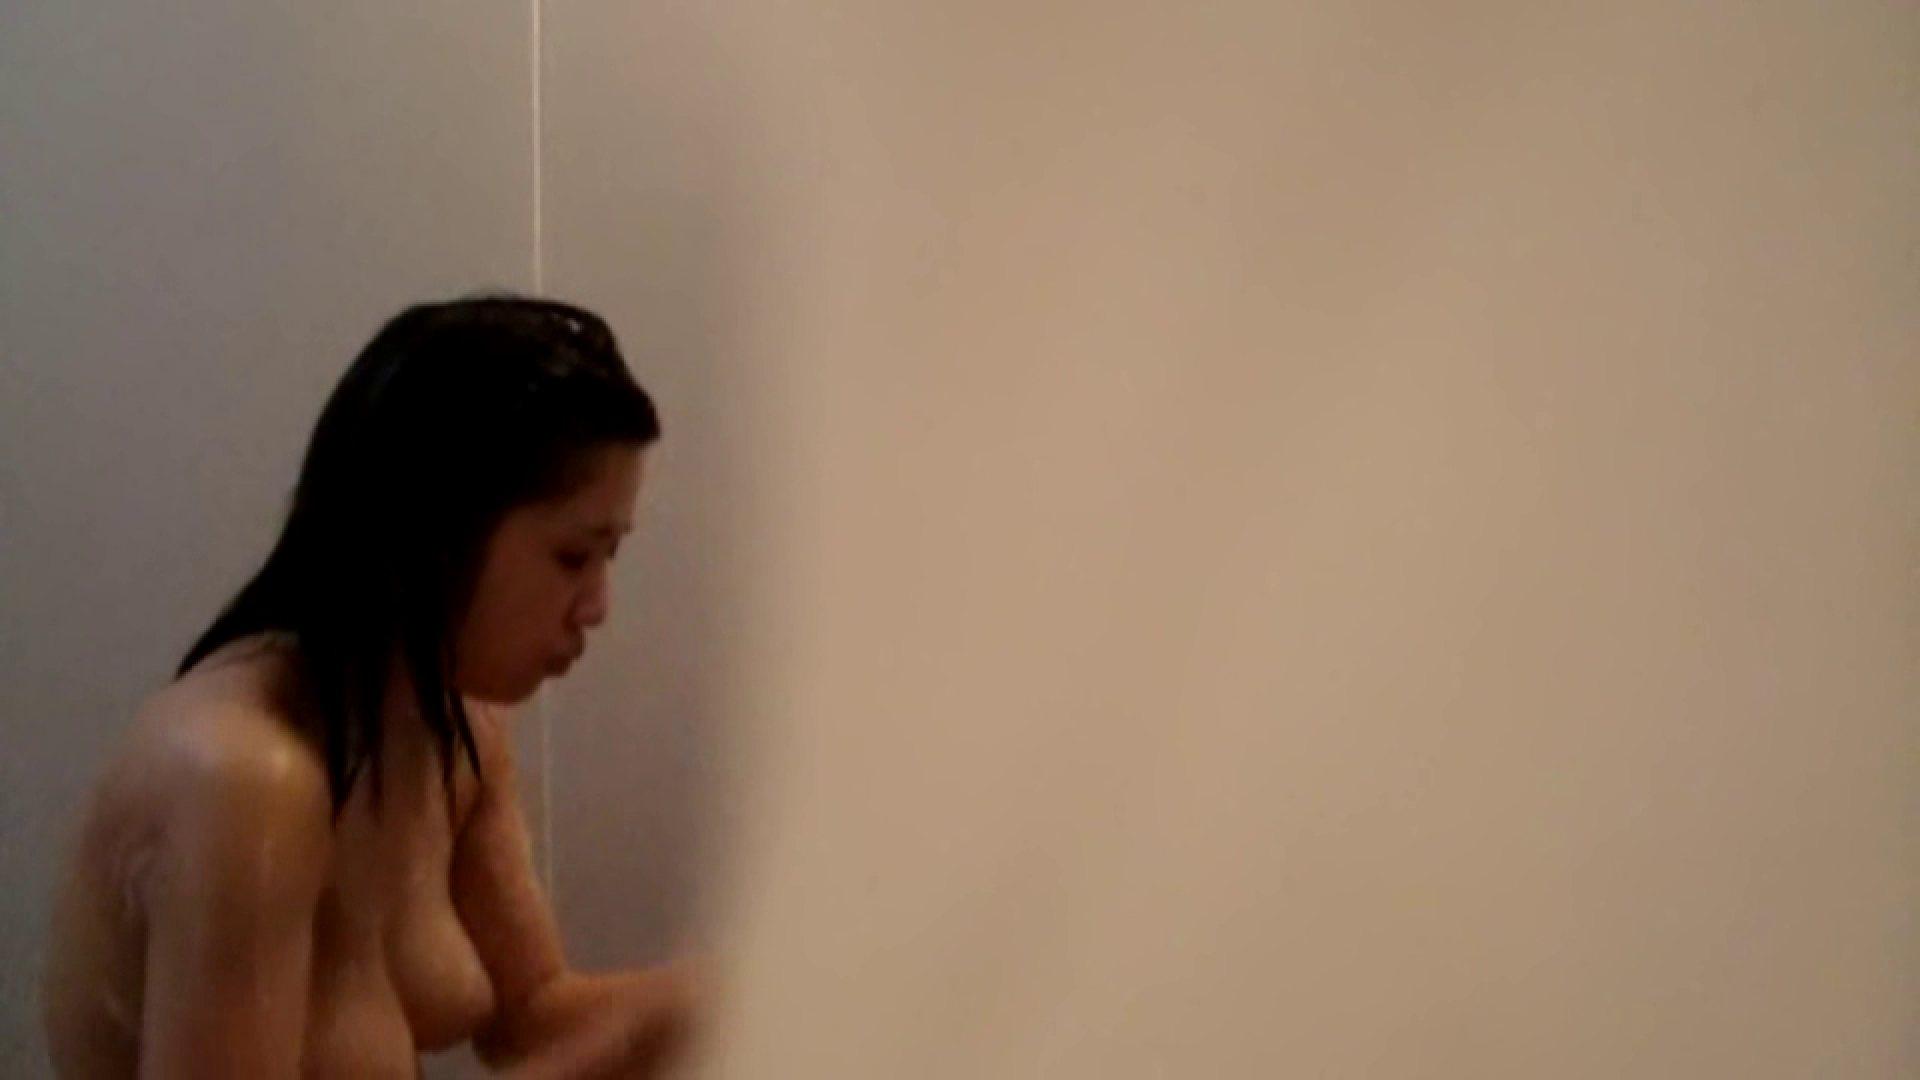 vol.2 葵のグラドル顔負けの爆乳を入浴シーンでどうぞ。 高評価 アダルト動画キャプチャ 111画像 99